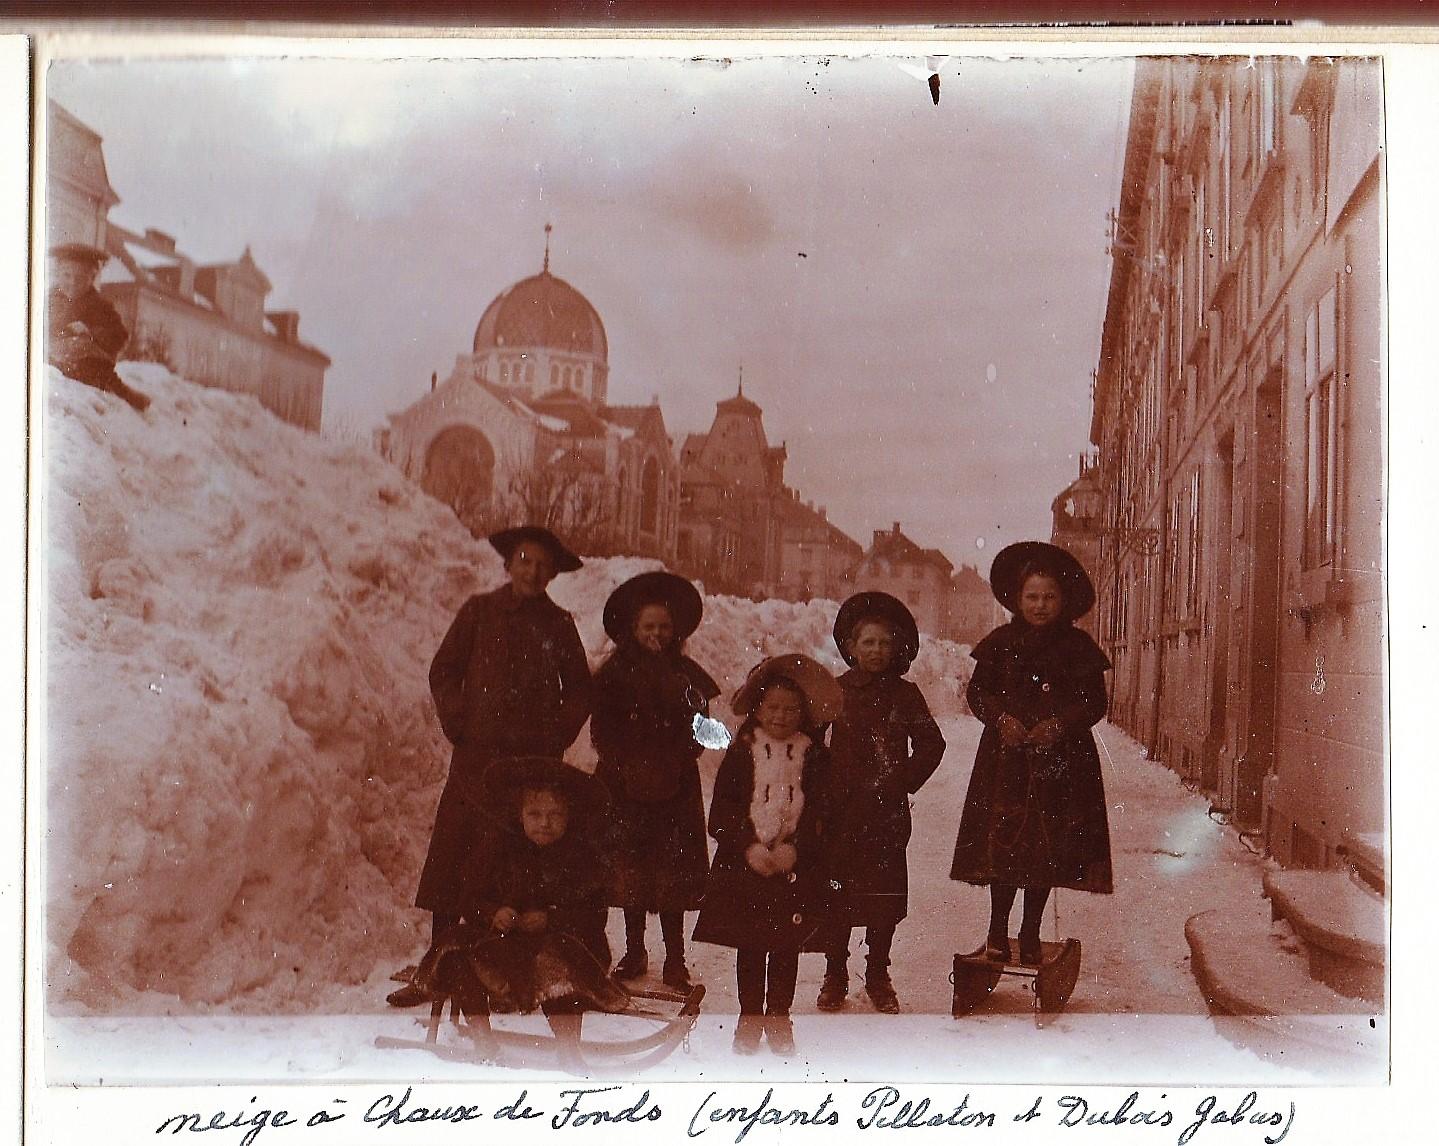 La Chaux de Fonds. Enfants Pellaton et Dubois-Gabus dans la neige.